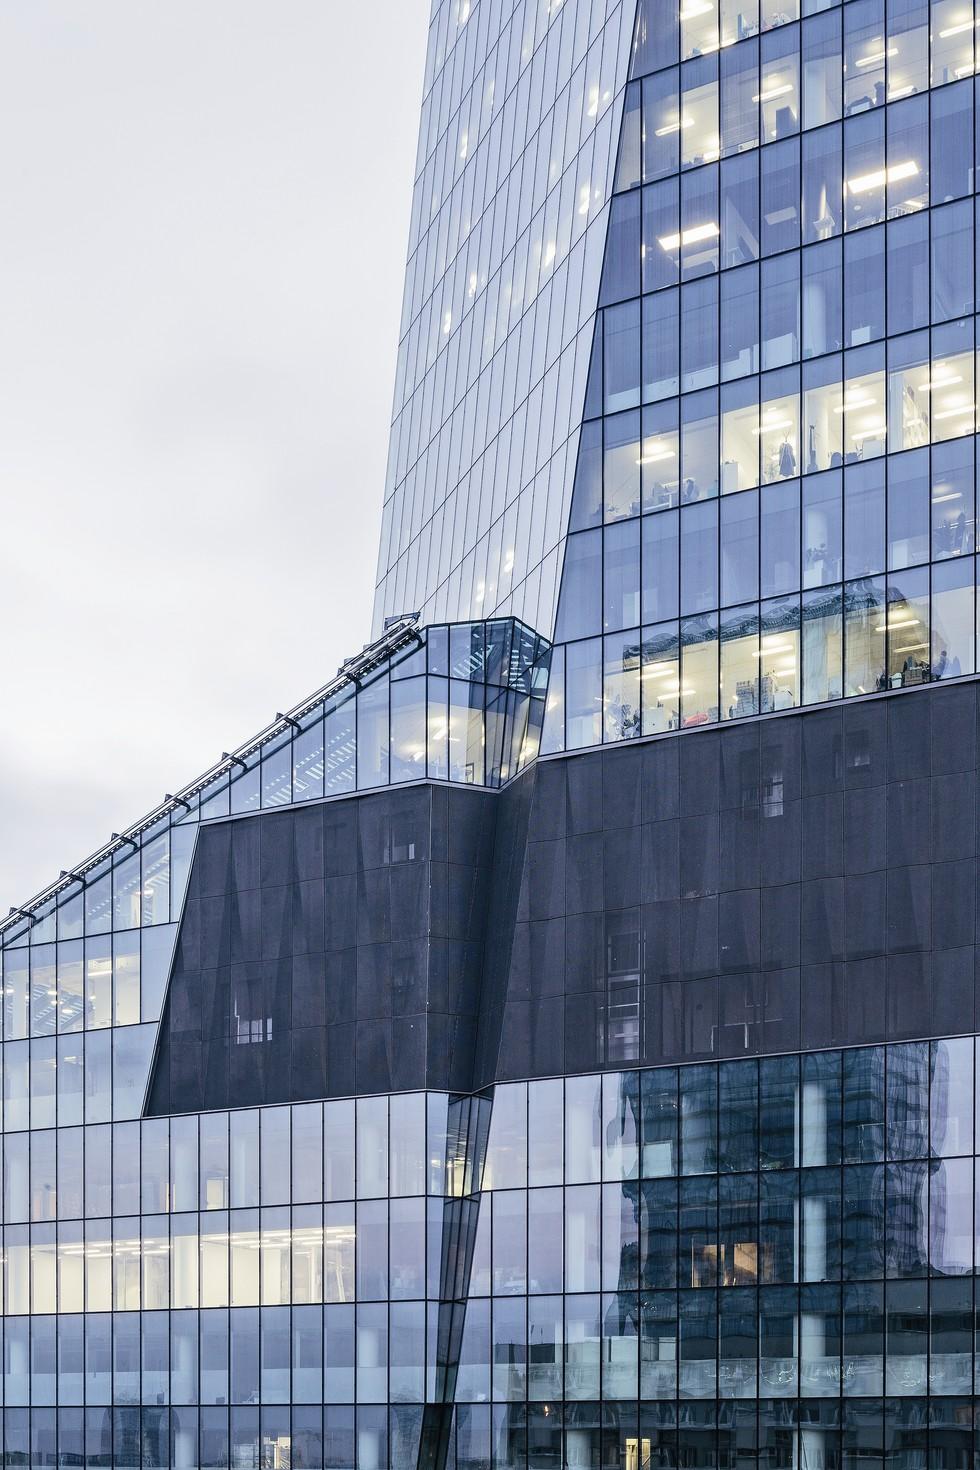 Wieżowiec Q22 w Warszawie. Powierzchnie techniczne